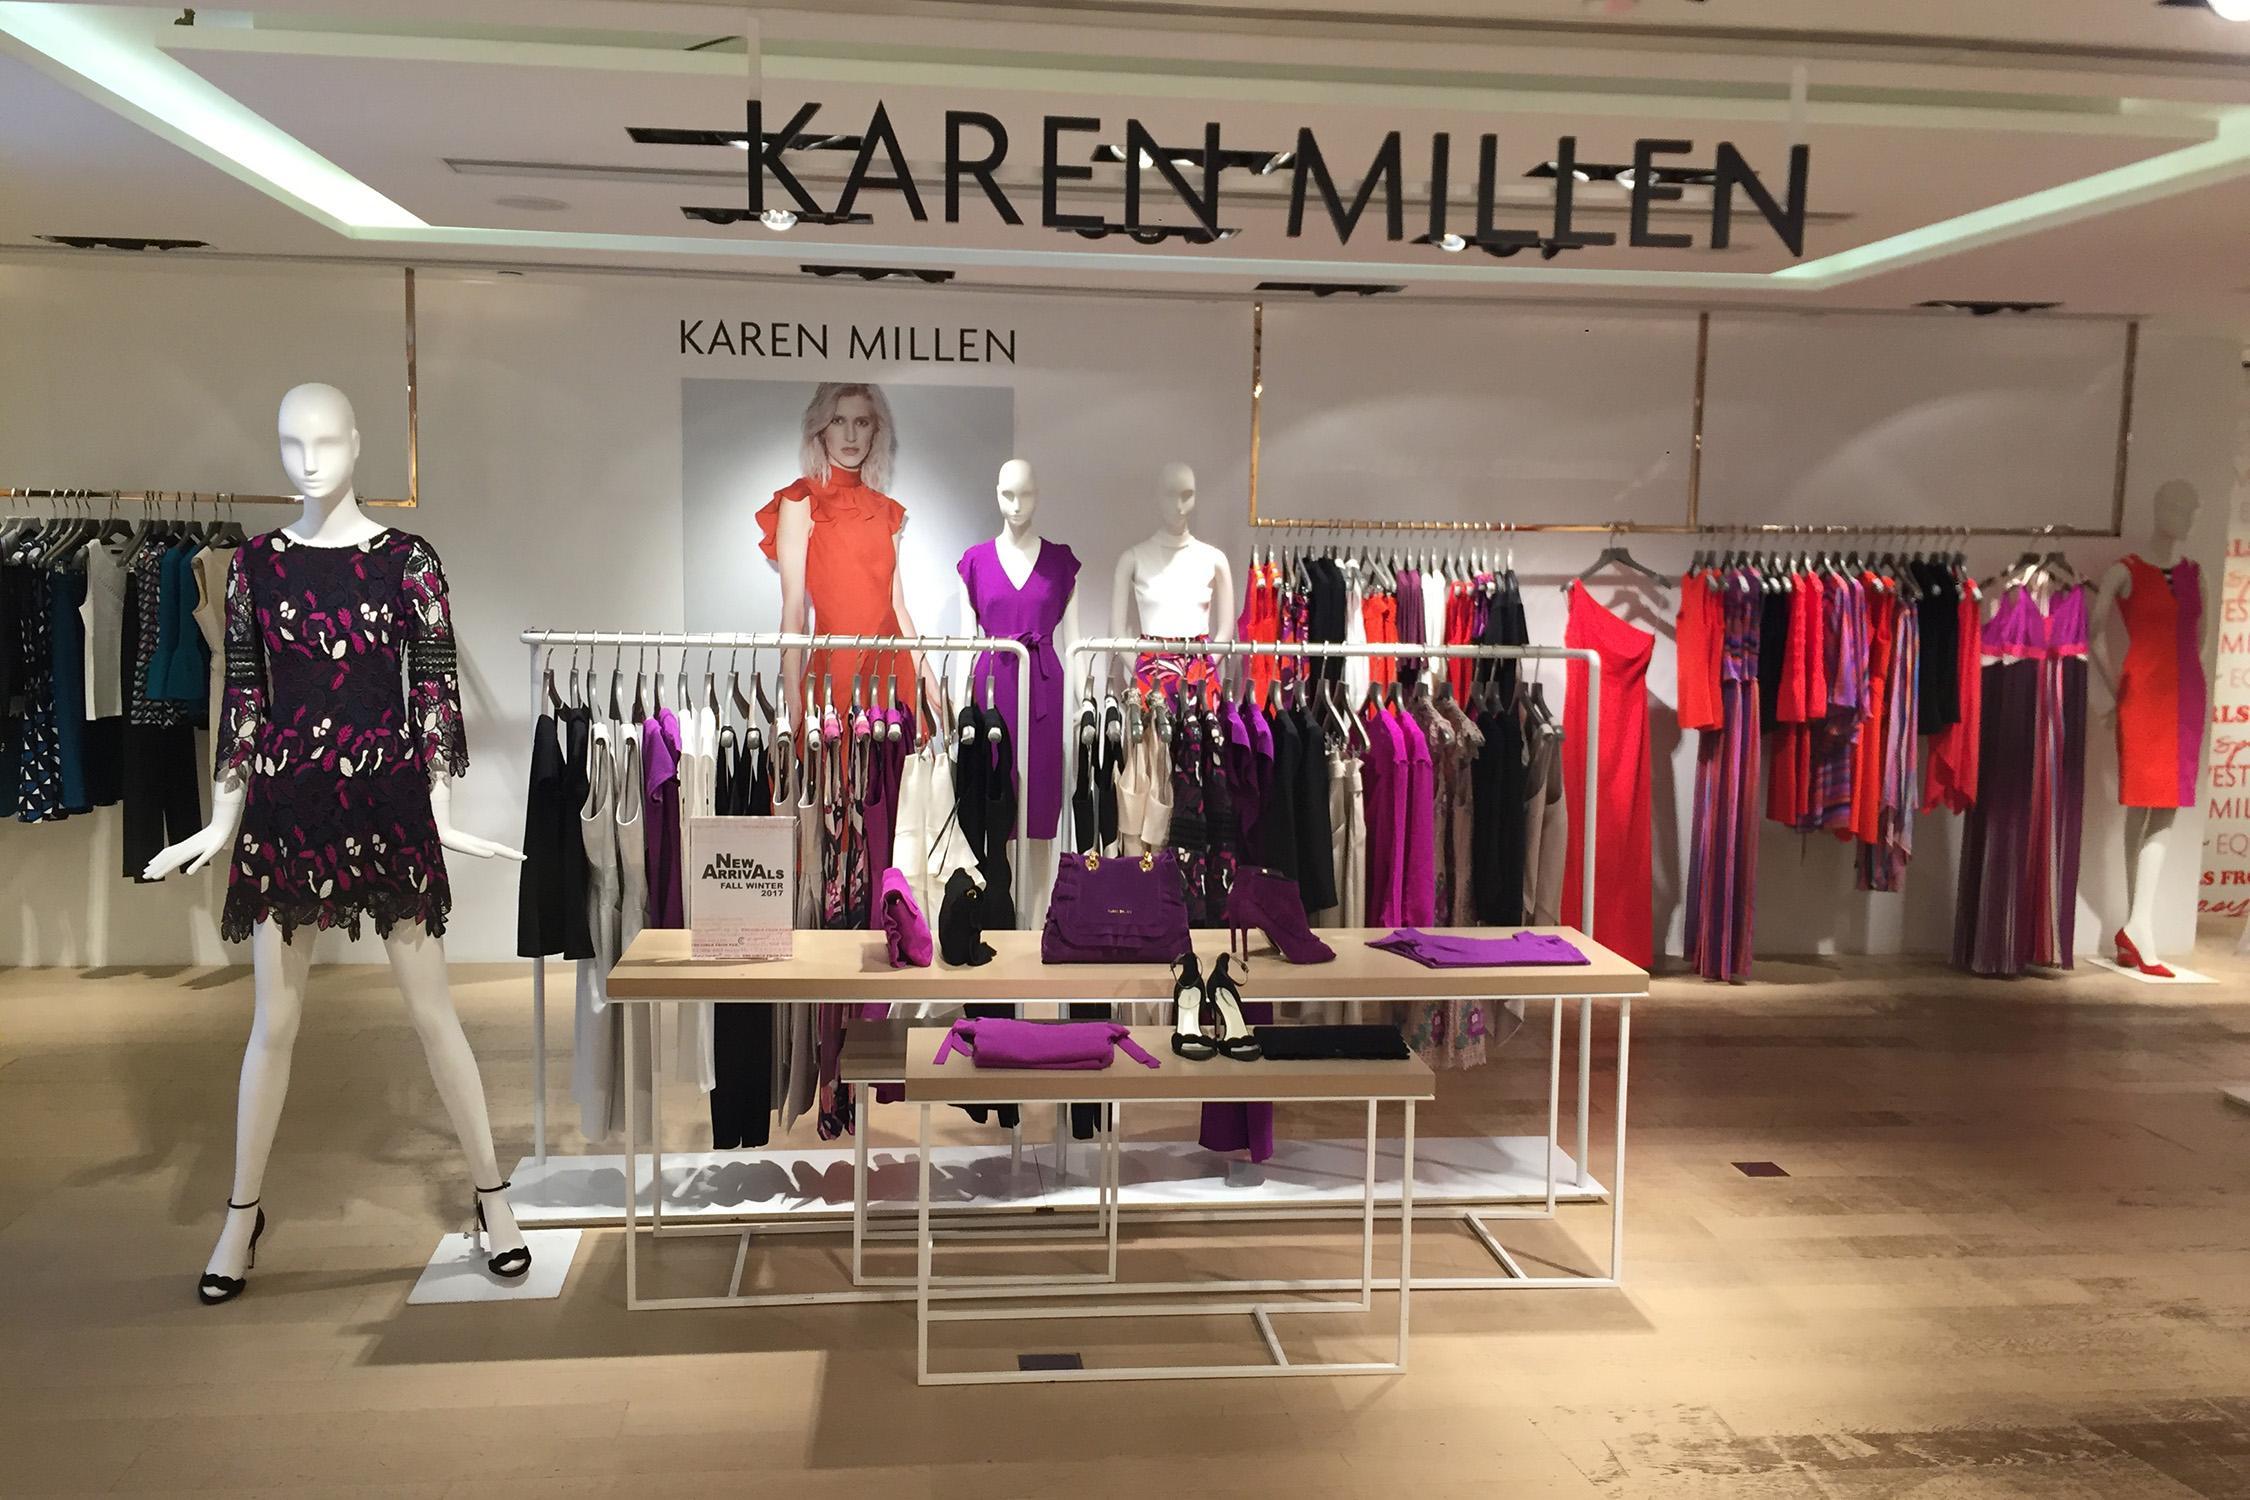 Магазин Karen Millen